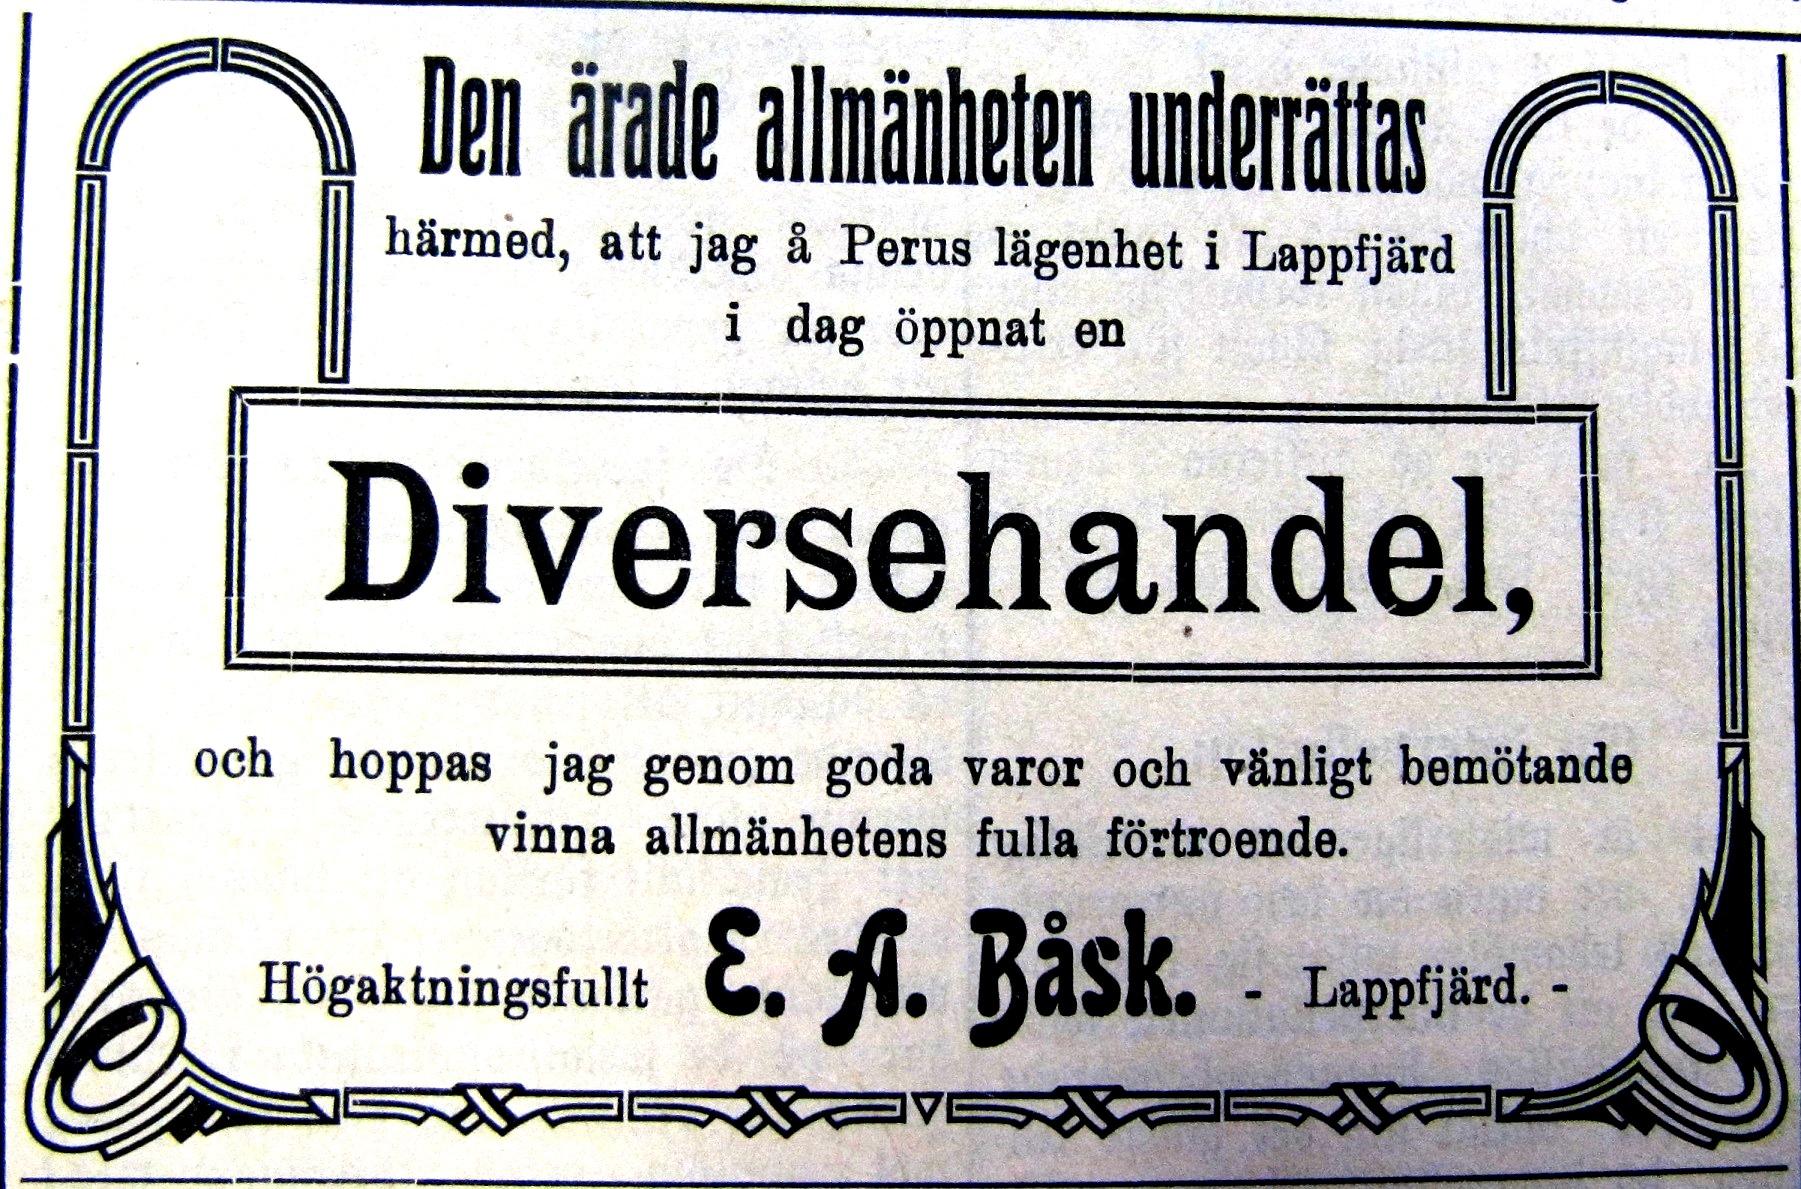 Så här annonserade Erik Anders Båsk i tidningen Syd-Österbotten sommaren 1913, då han öppnade sin affär.